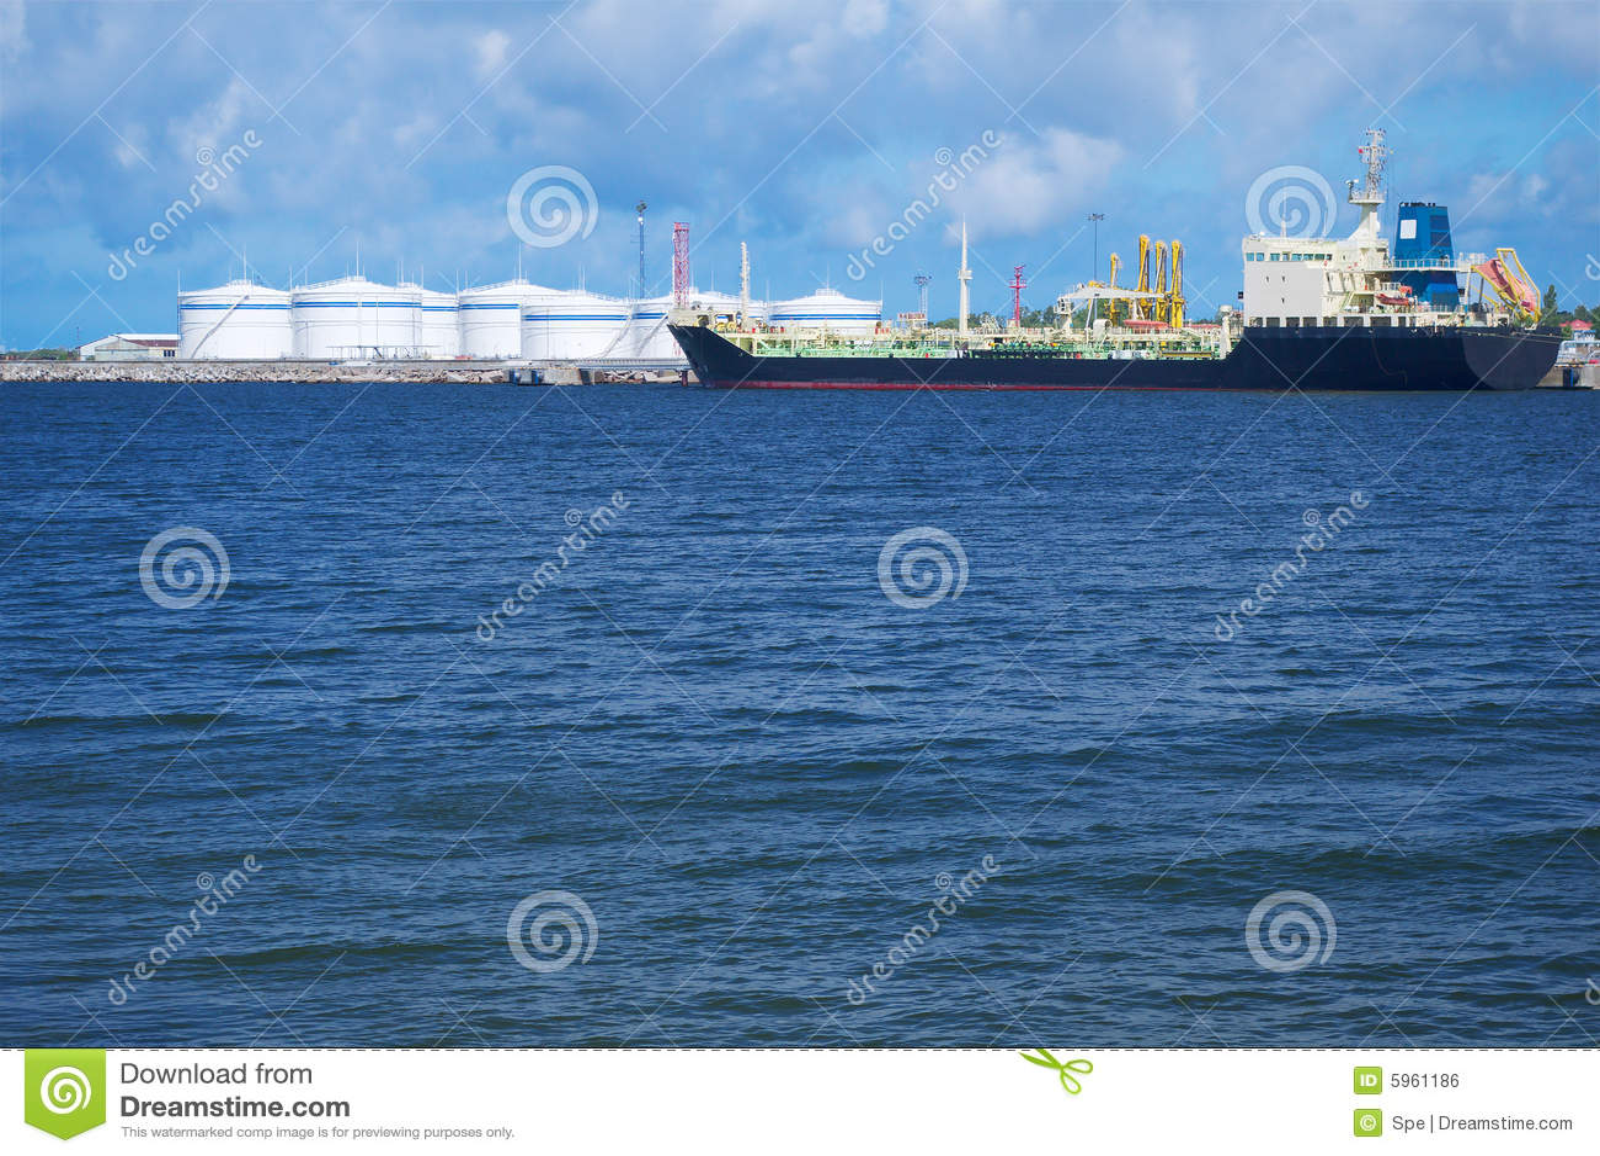 Tanker im Kanal